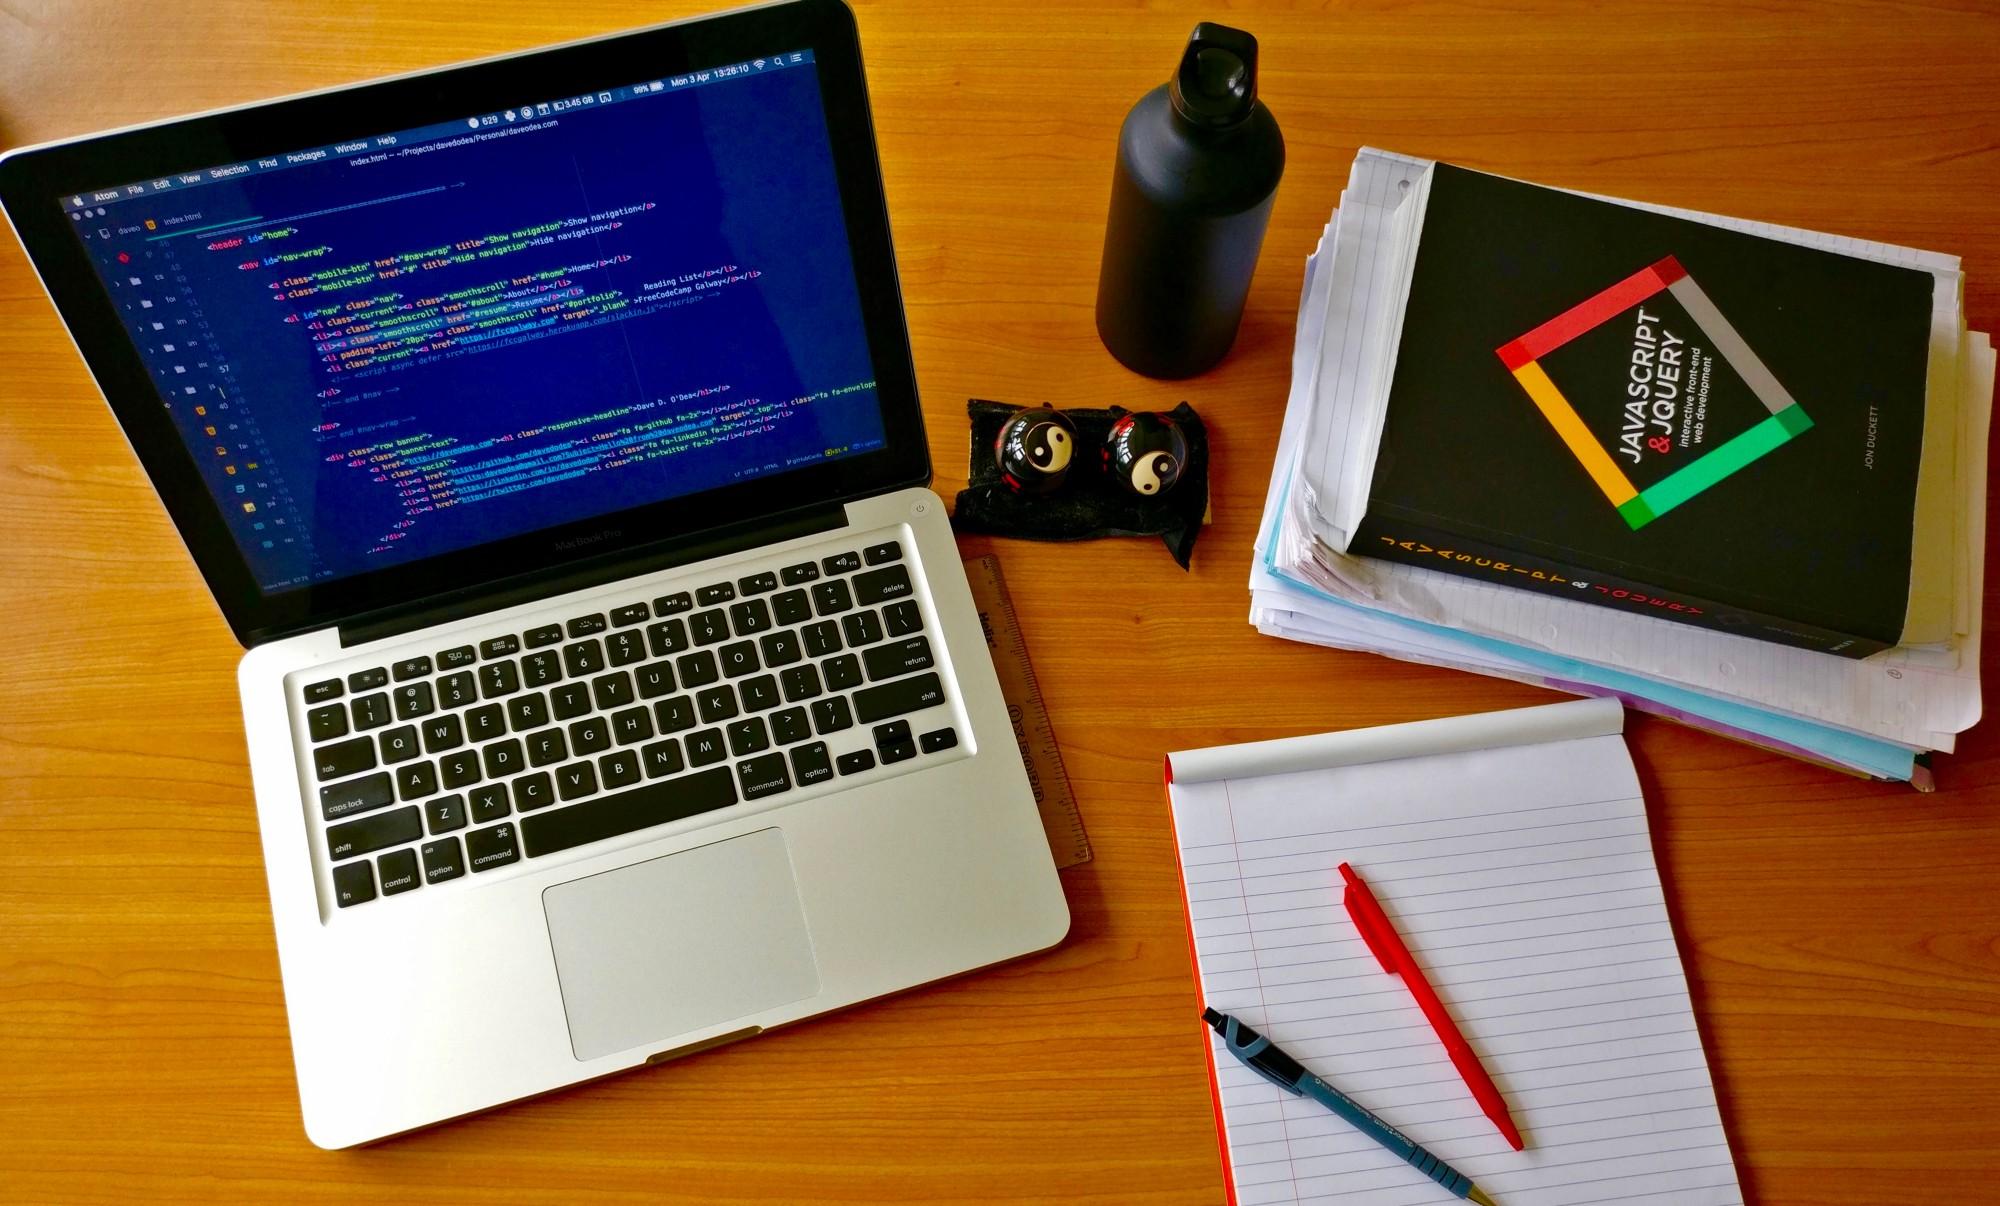 استخدام برنامه نویس در یک شرکت معتبر